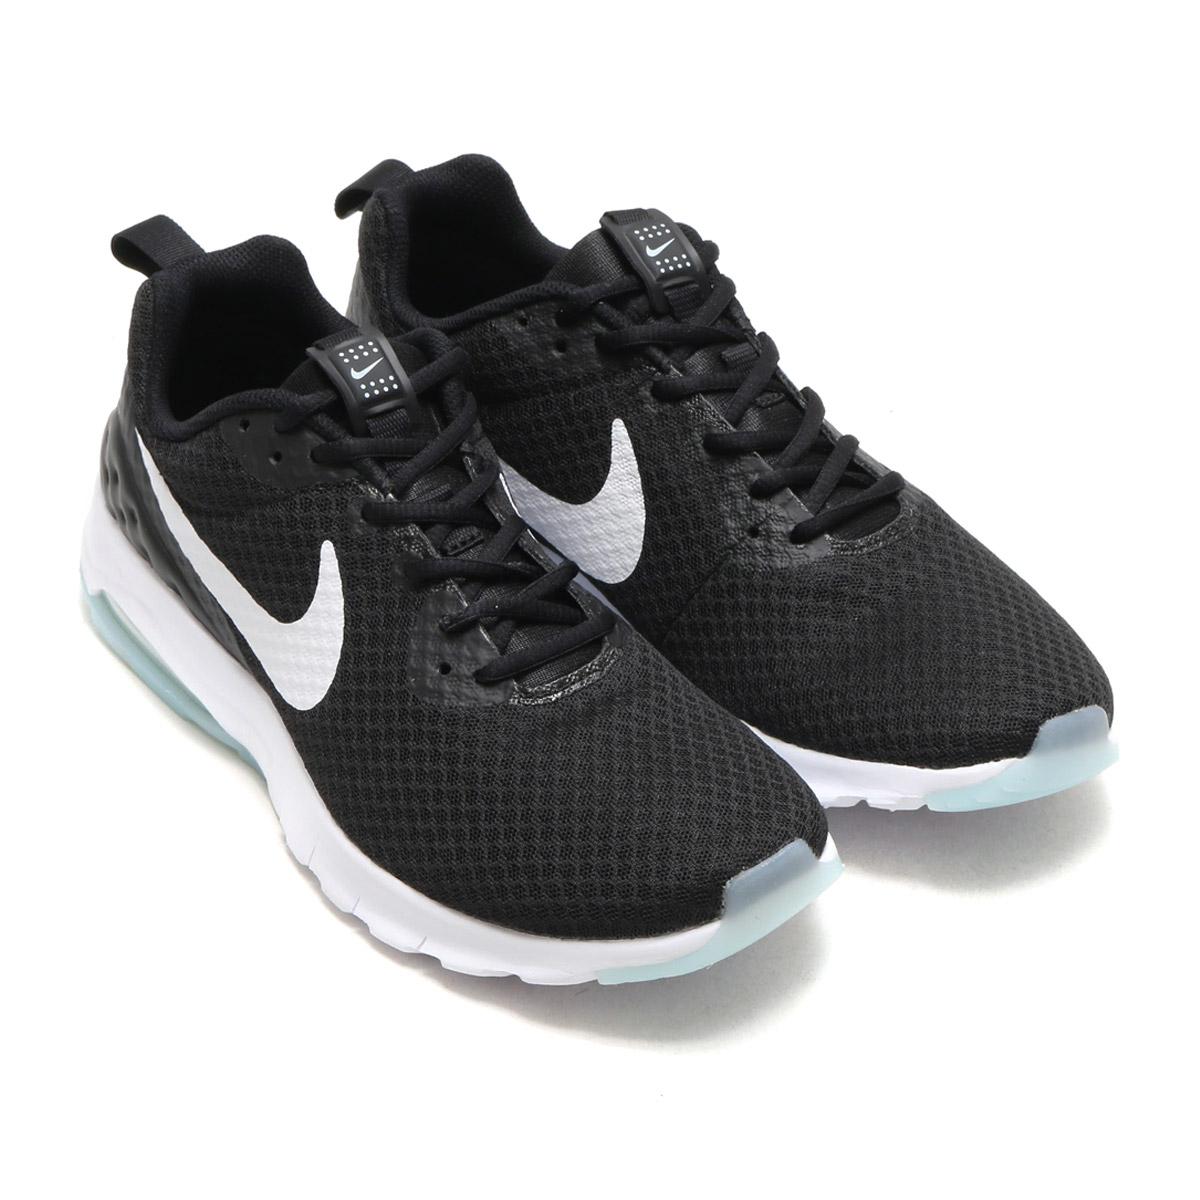 atmos pink  NIKE AIR MAX MOTION LW (Nike Air Max motion LW) BLACK WHITE  17SP-I  22528dae5